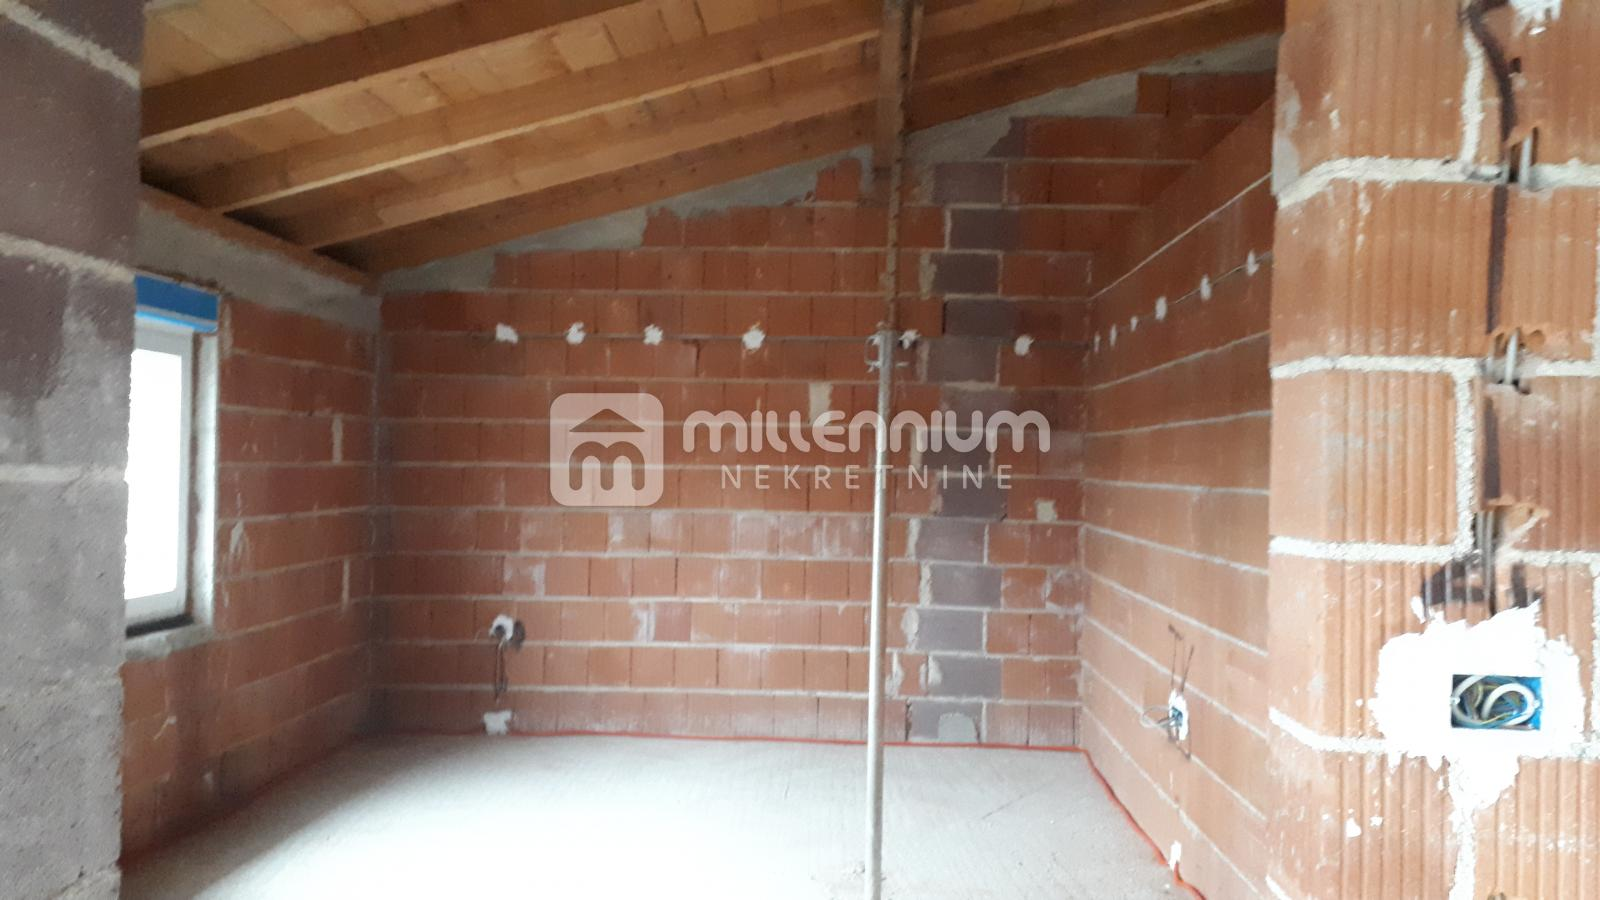 Viškovo, etaža, 92.83m2, 2-sobni s dnevnim i okućnicom